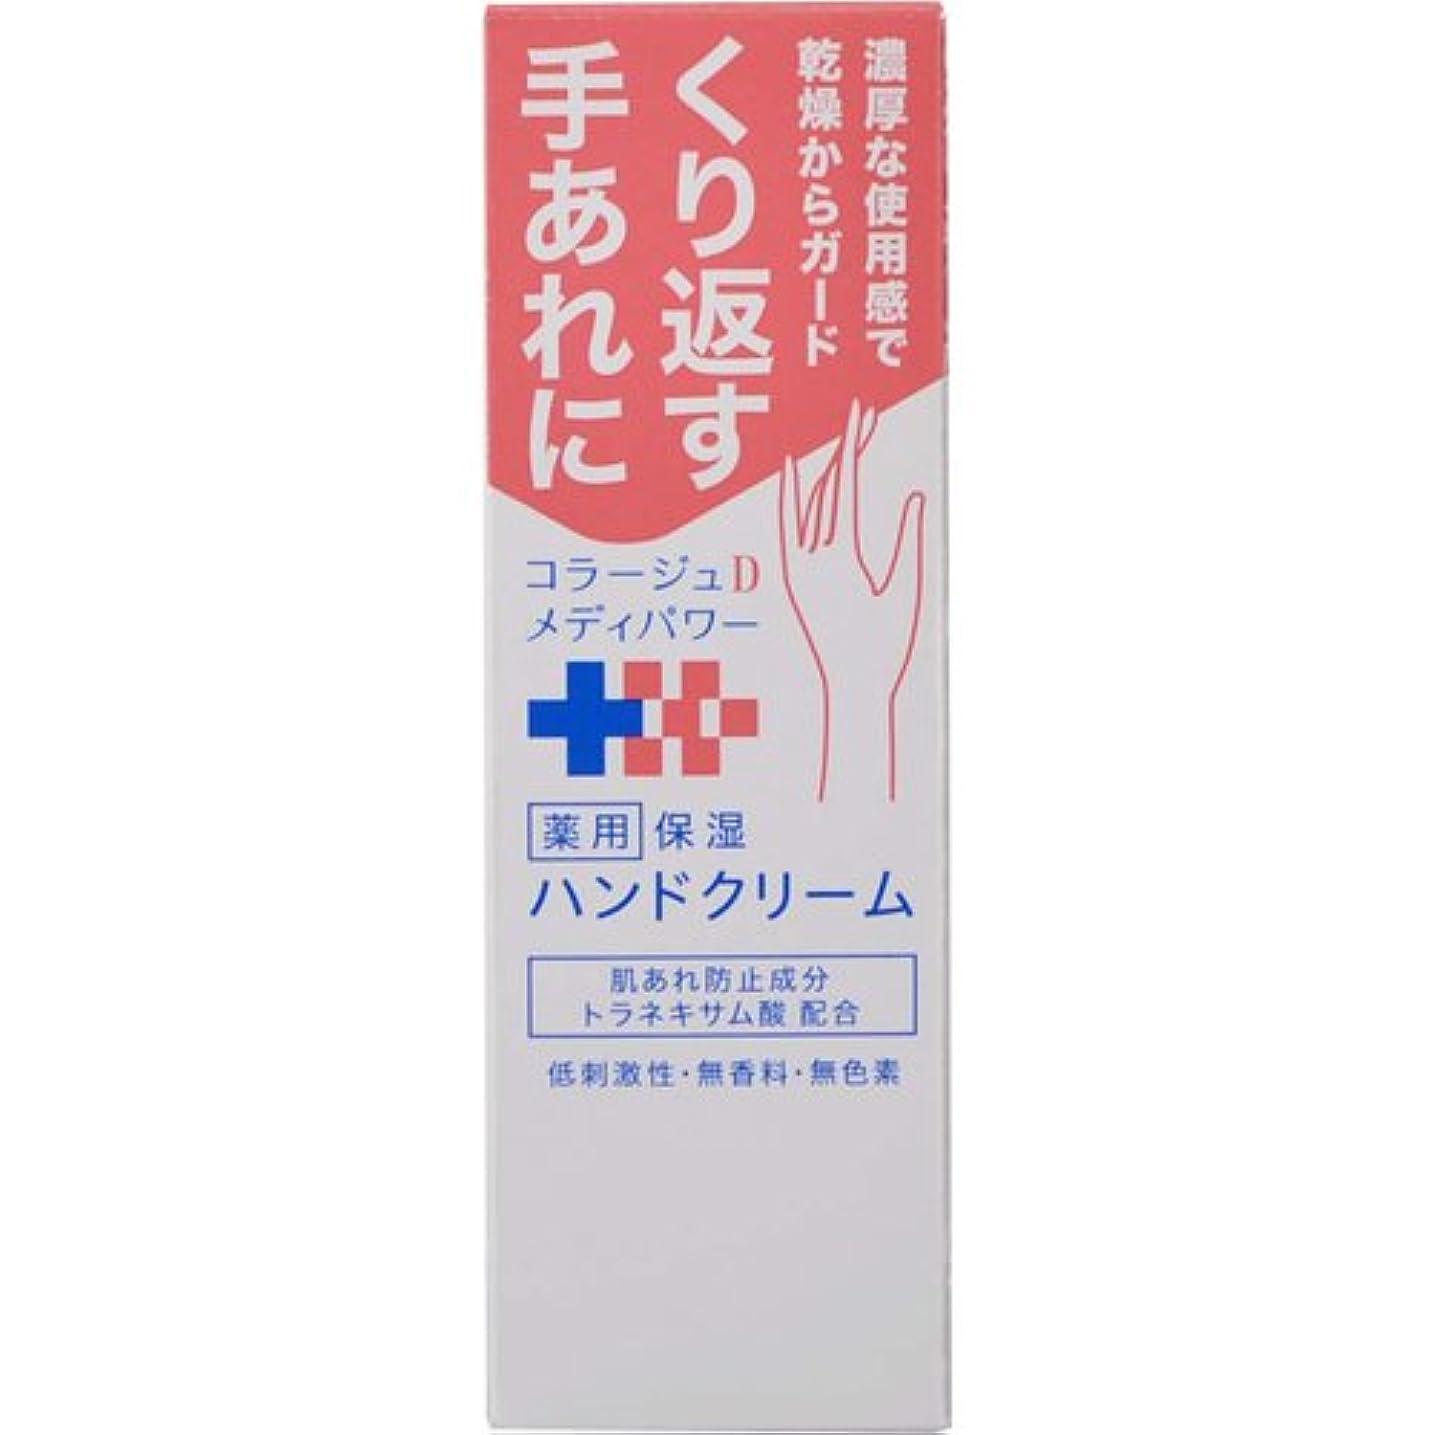 全滅させる上自動的にコラージュ D メディパワー 保湿ハンドクリーム 30g 【医薬部外品】